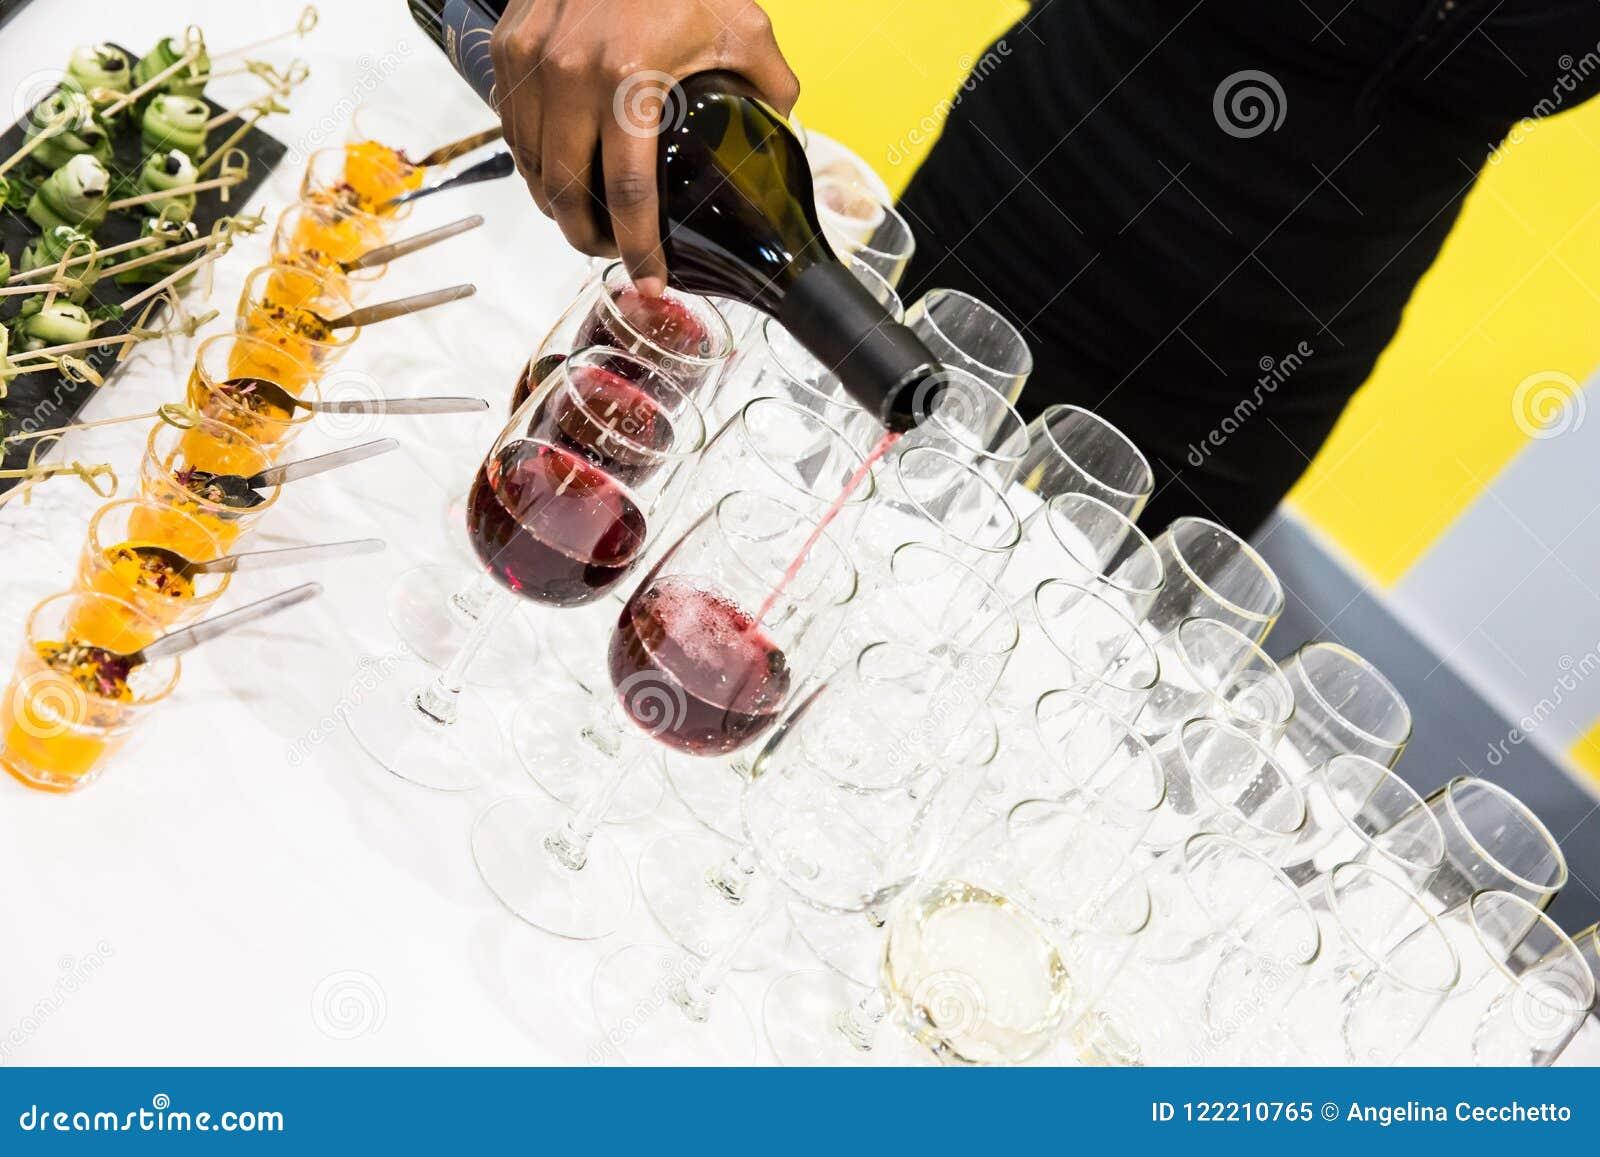 Camarera Pouring Red Wine en vidrios en la tabla de comida fría con blanco